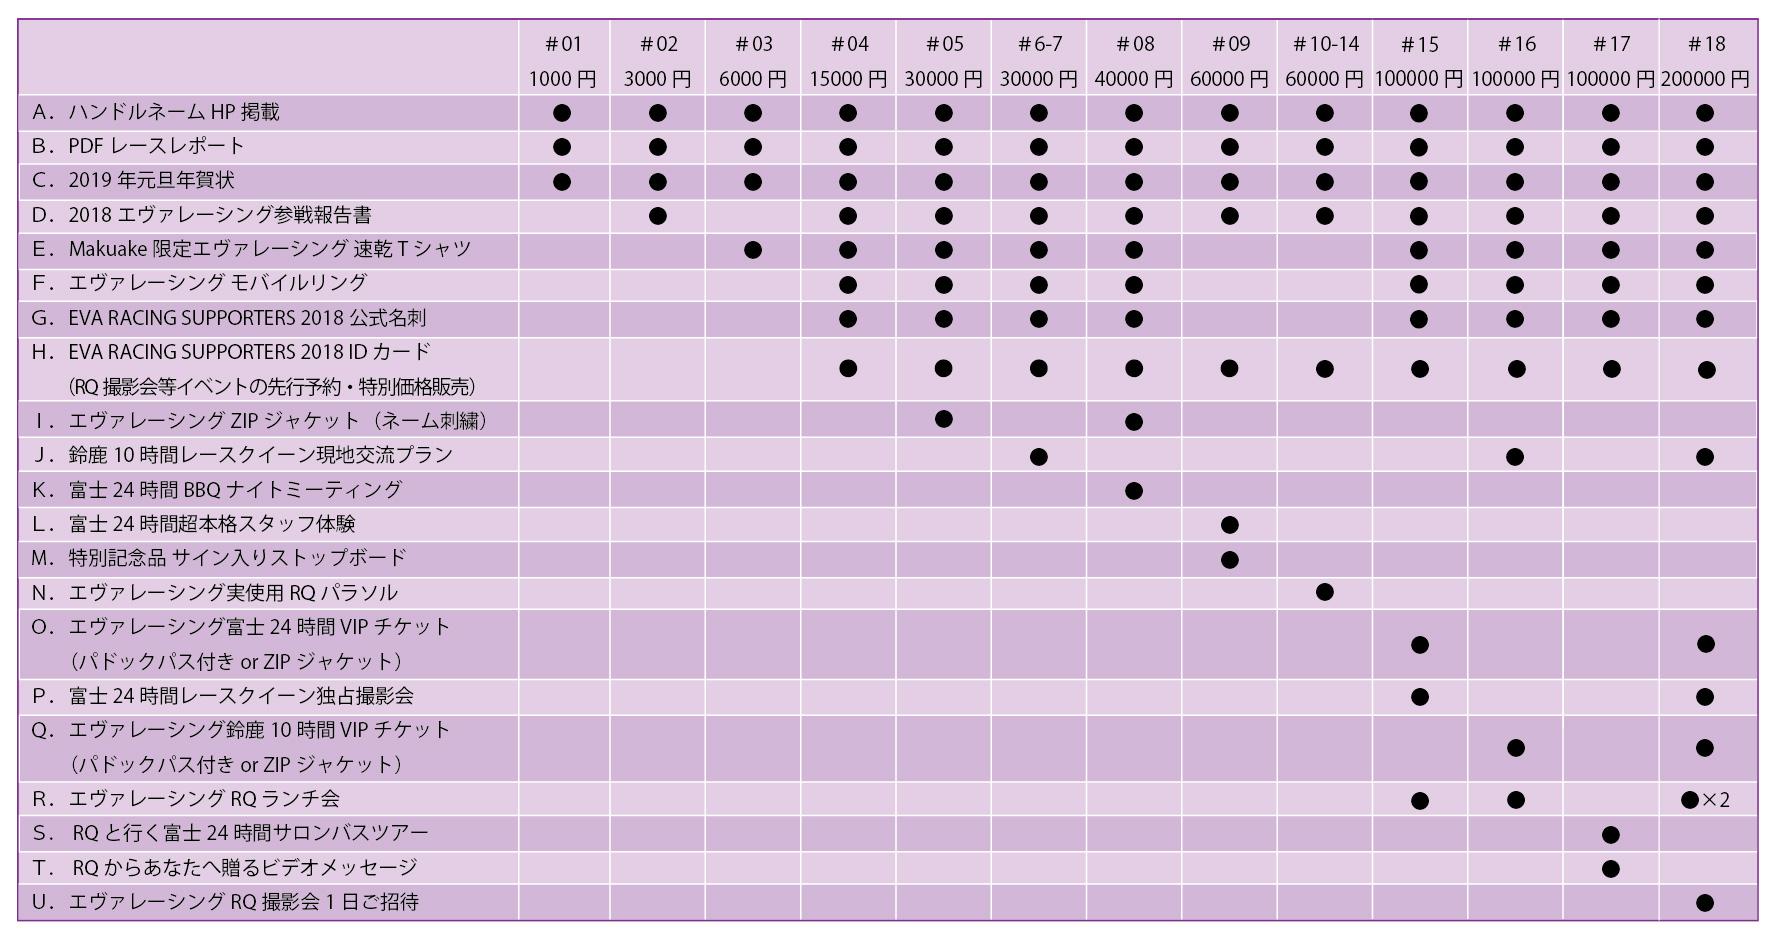 金額に応じたリターンの組み合わせ表